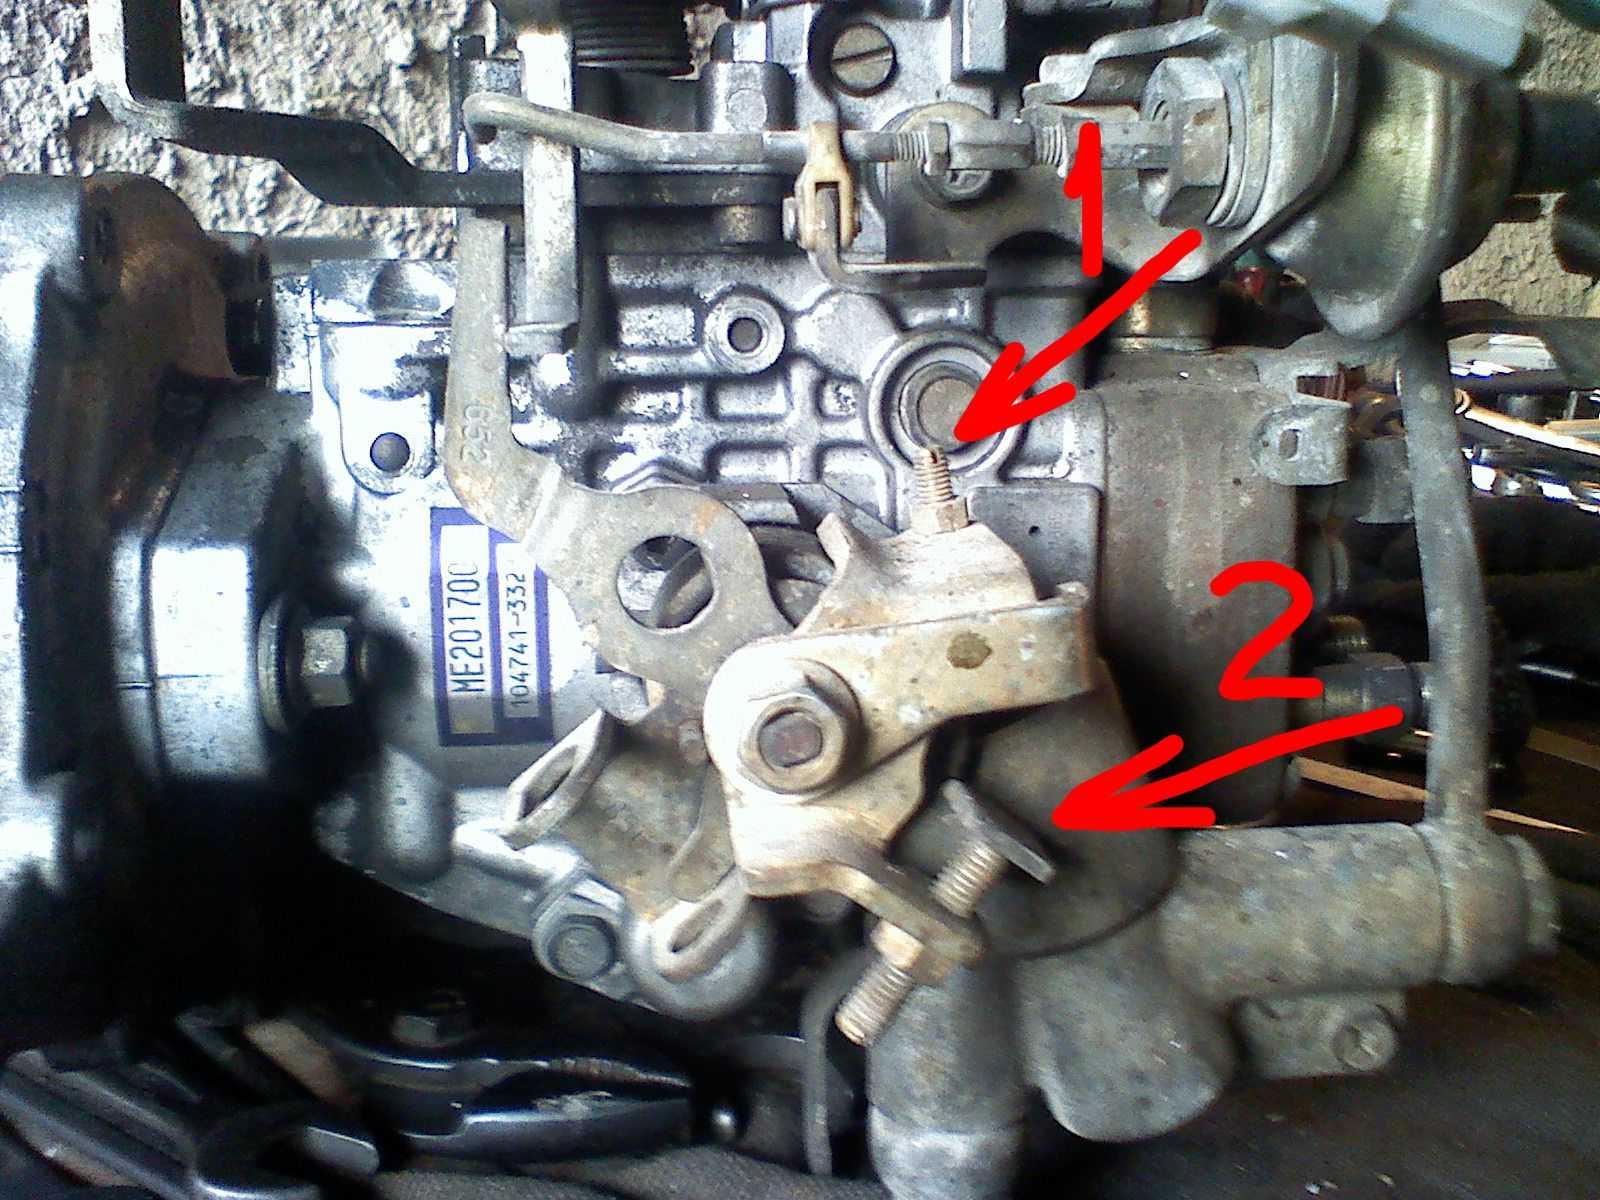 При запуске двигателя в холодную погоду обороты сразу падают до рабочих на VW Passat B7